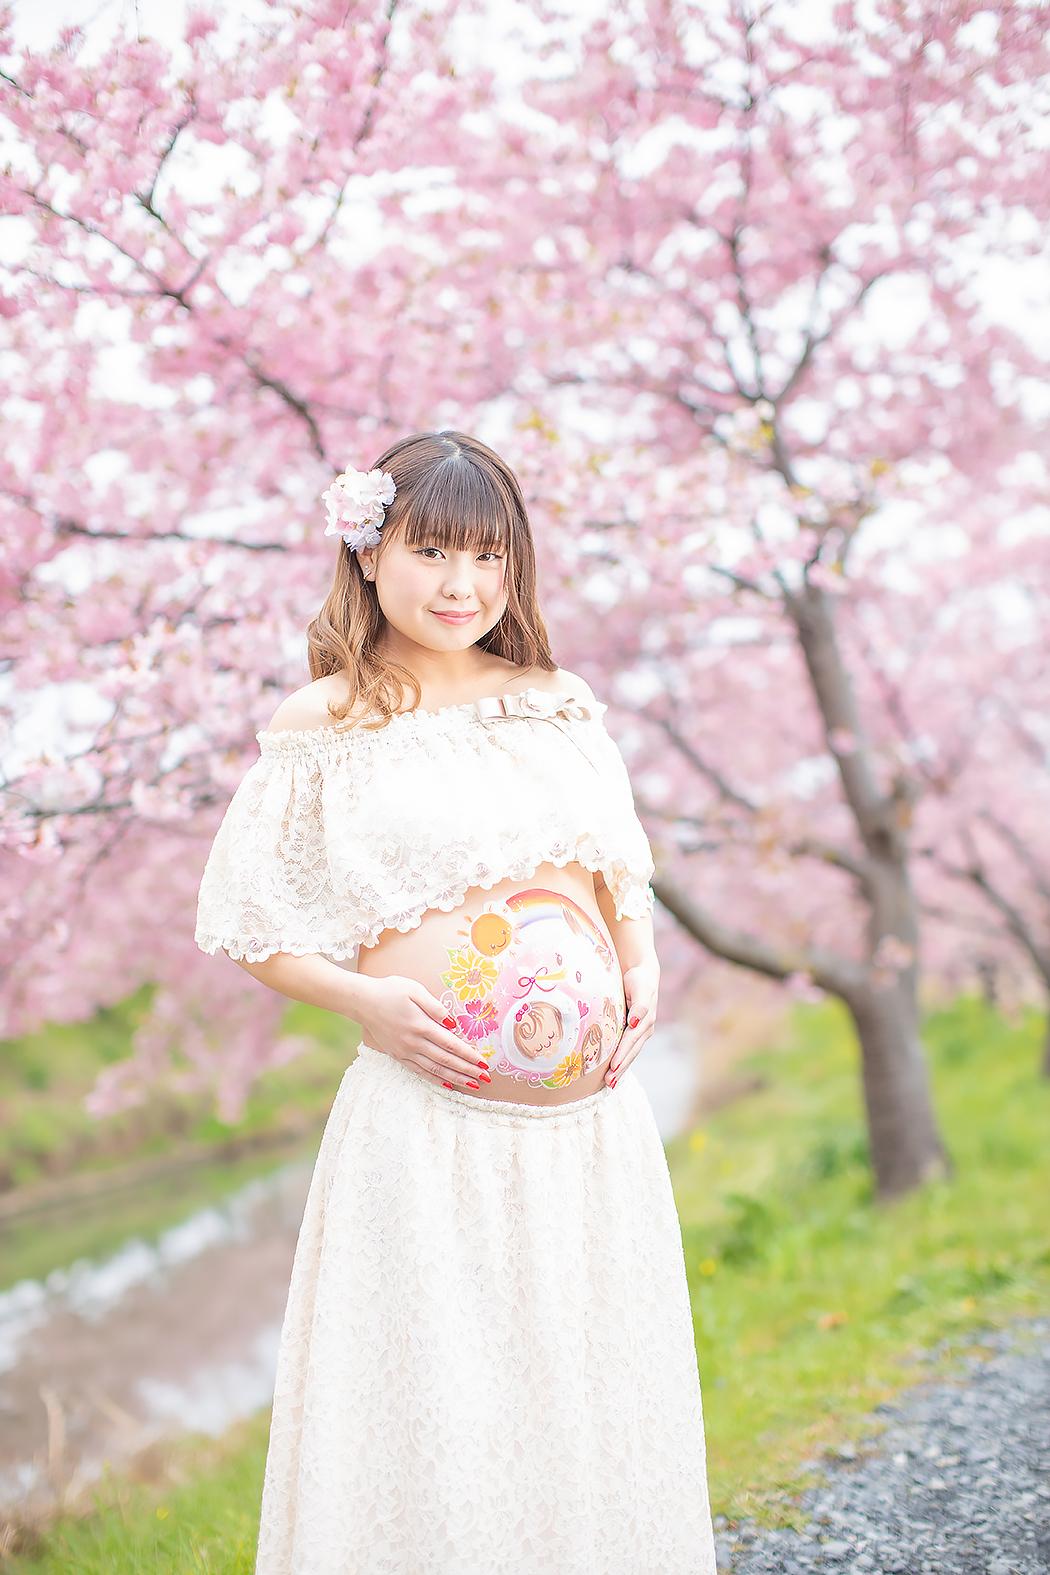 ちゃん インスタ 桜